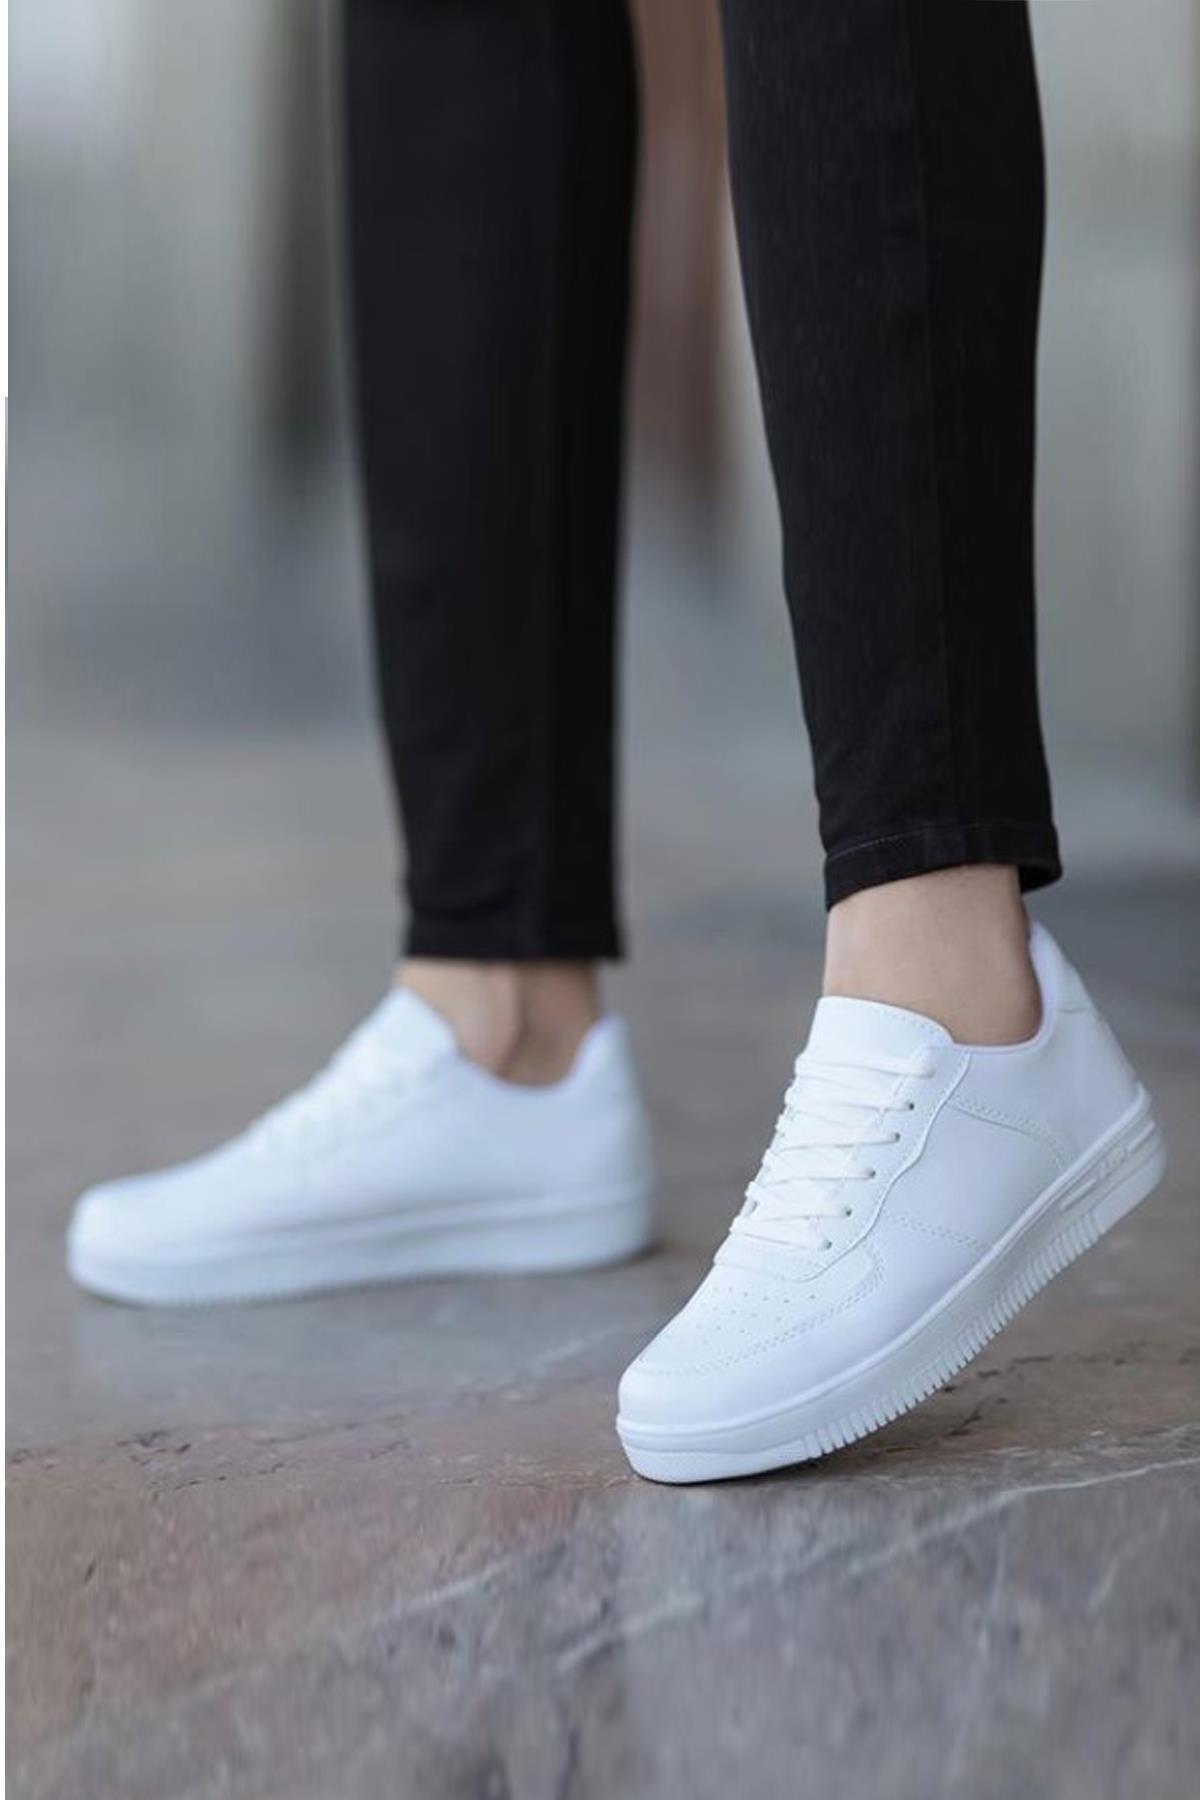 Unisex Lace-up Sport Shoes